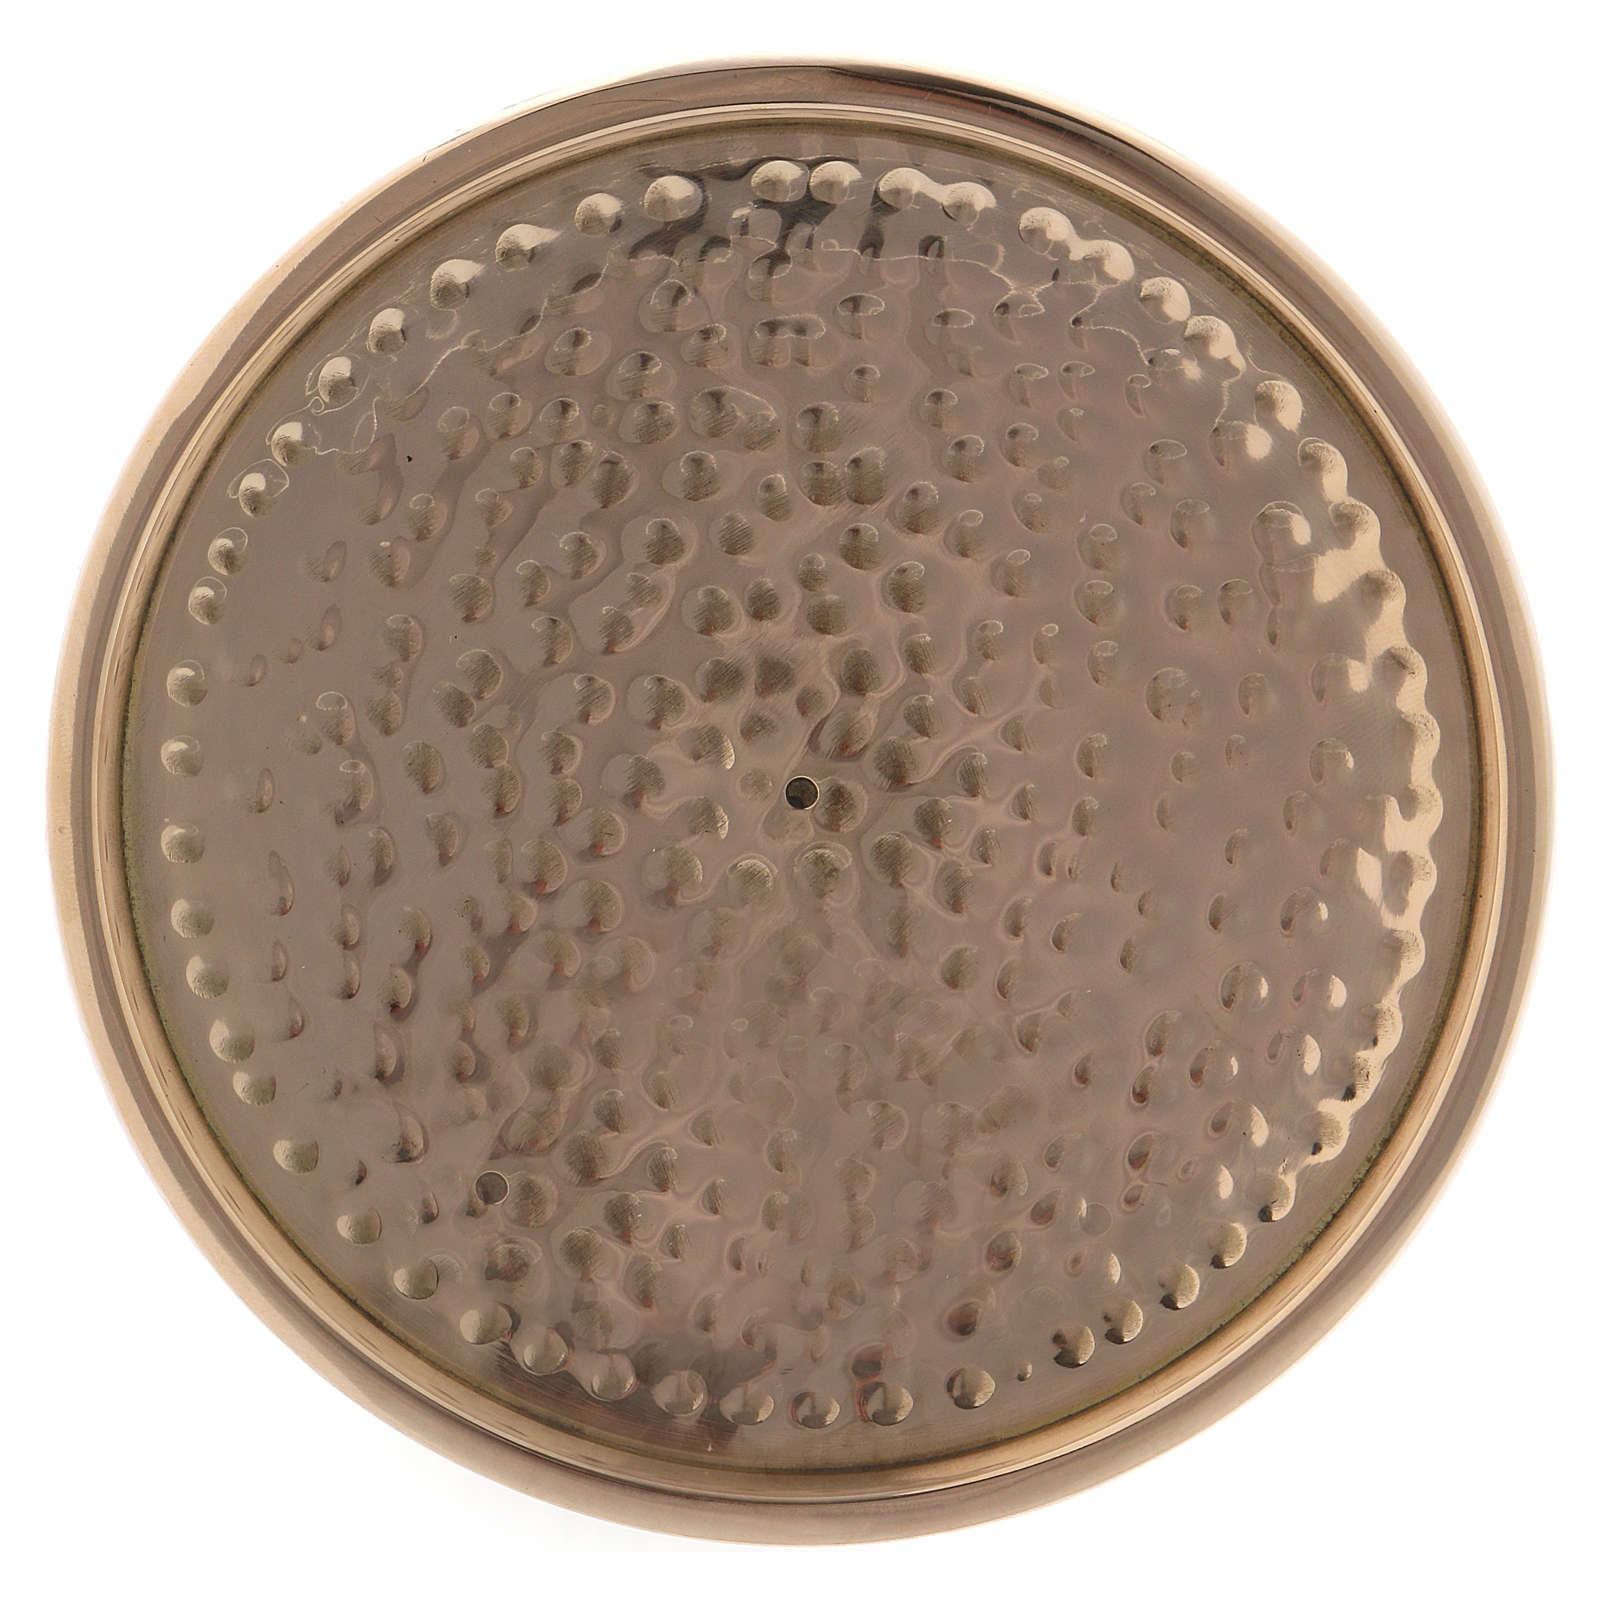 Assiette porte-bougie martelée laiton doré 10 cm 3